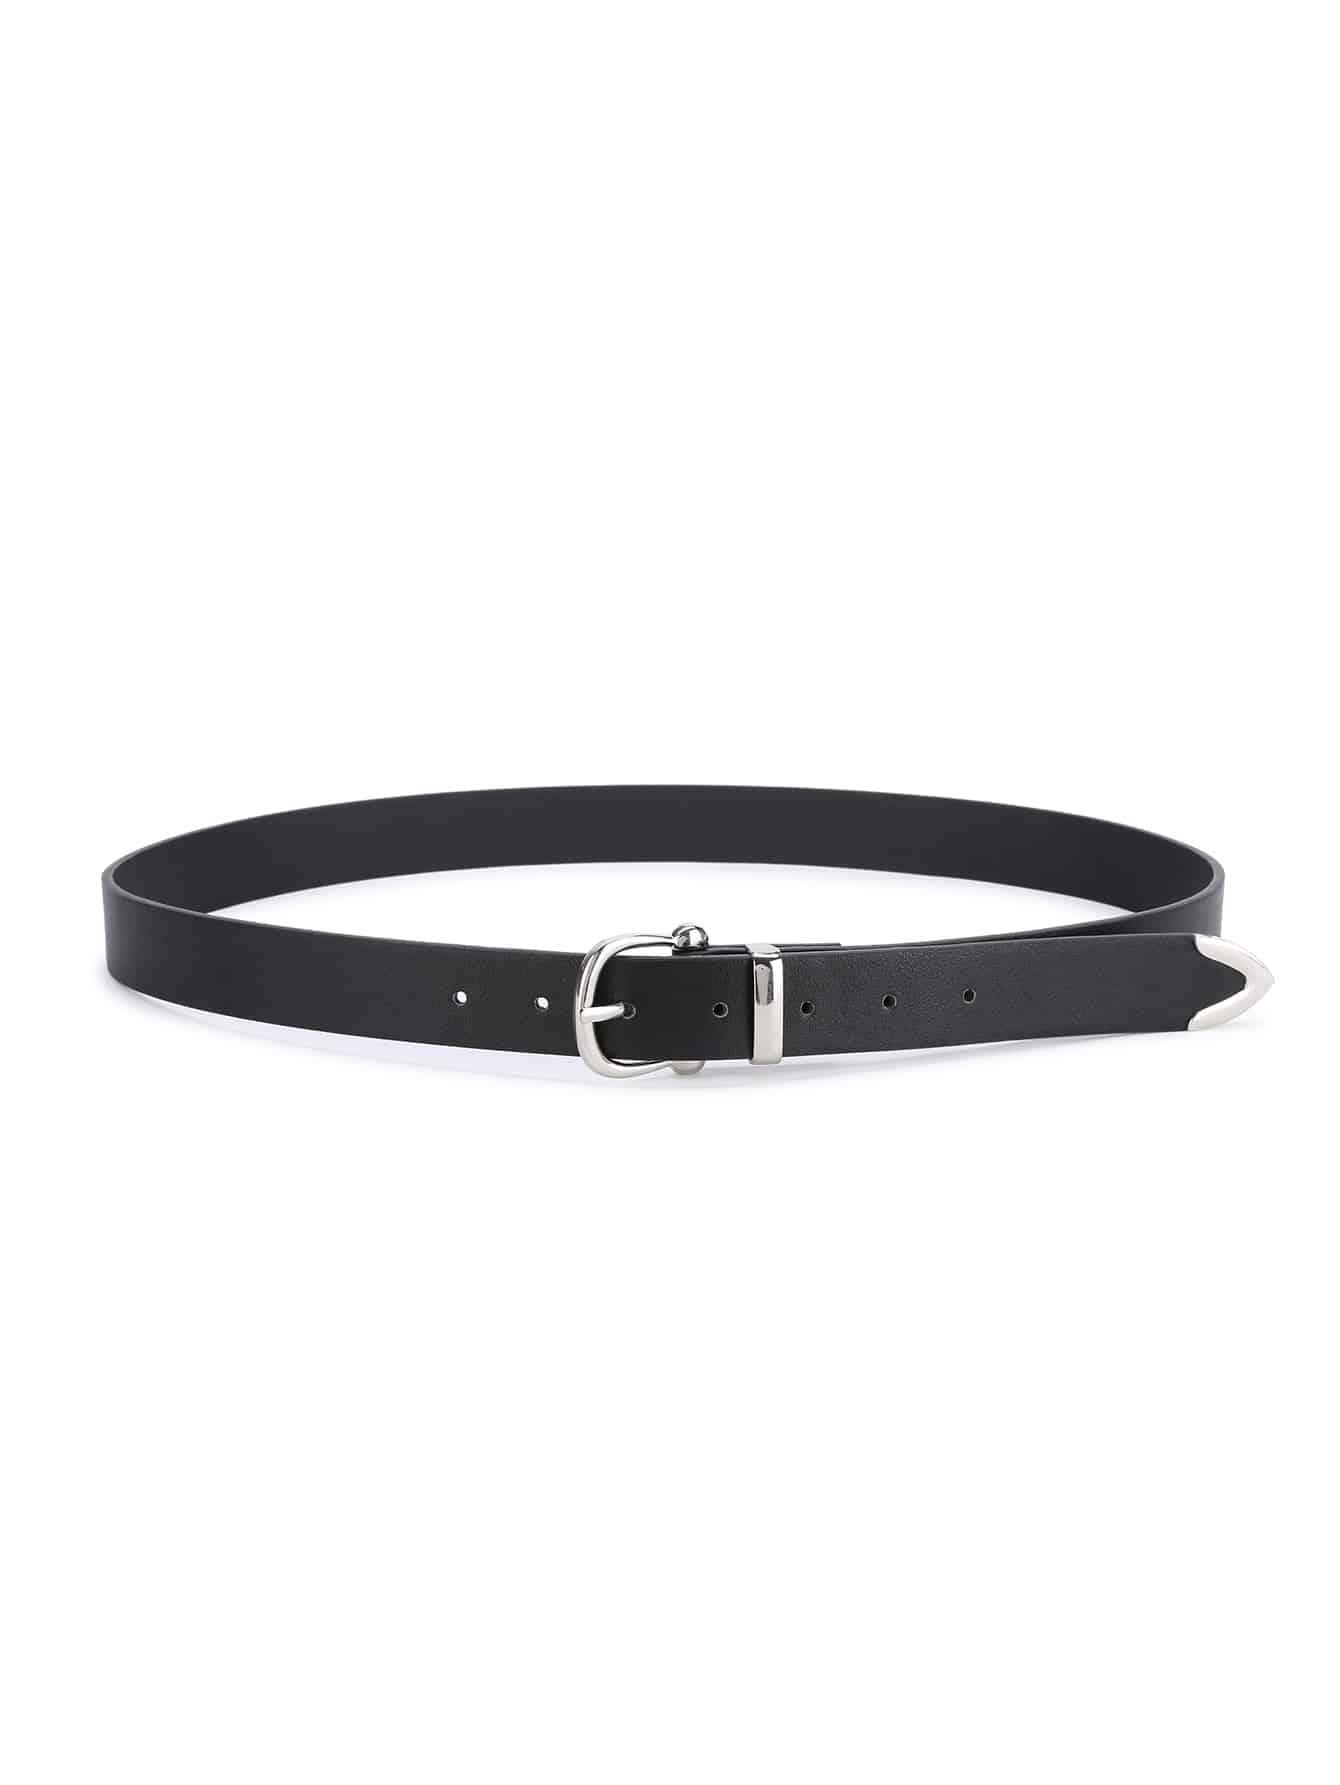 Metal Detail Belt belt cp v2 metal